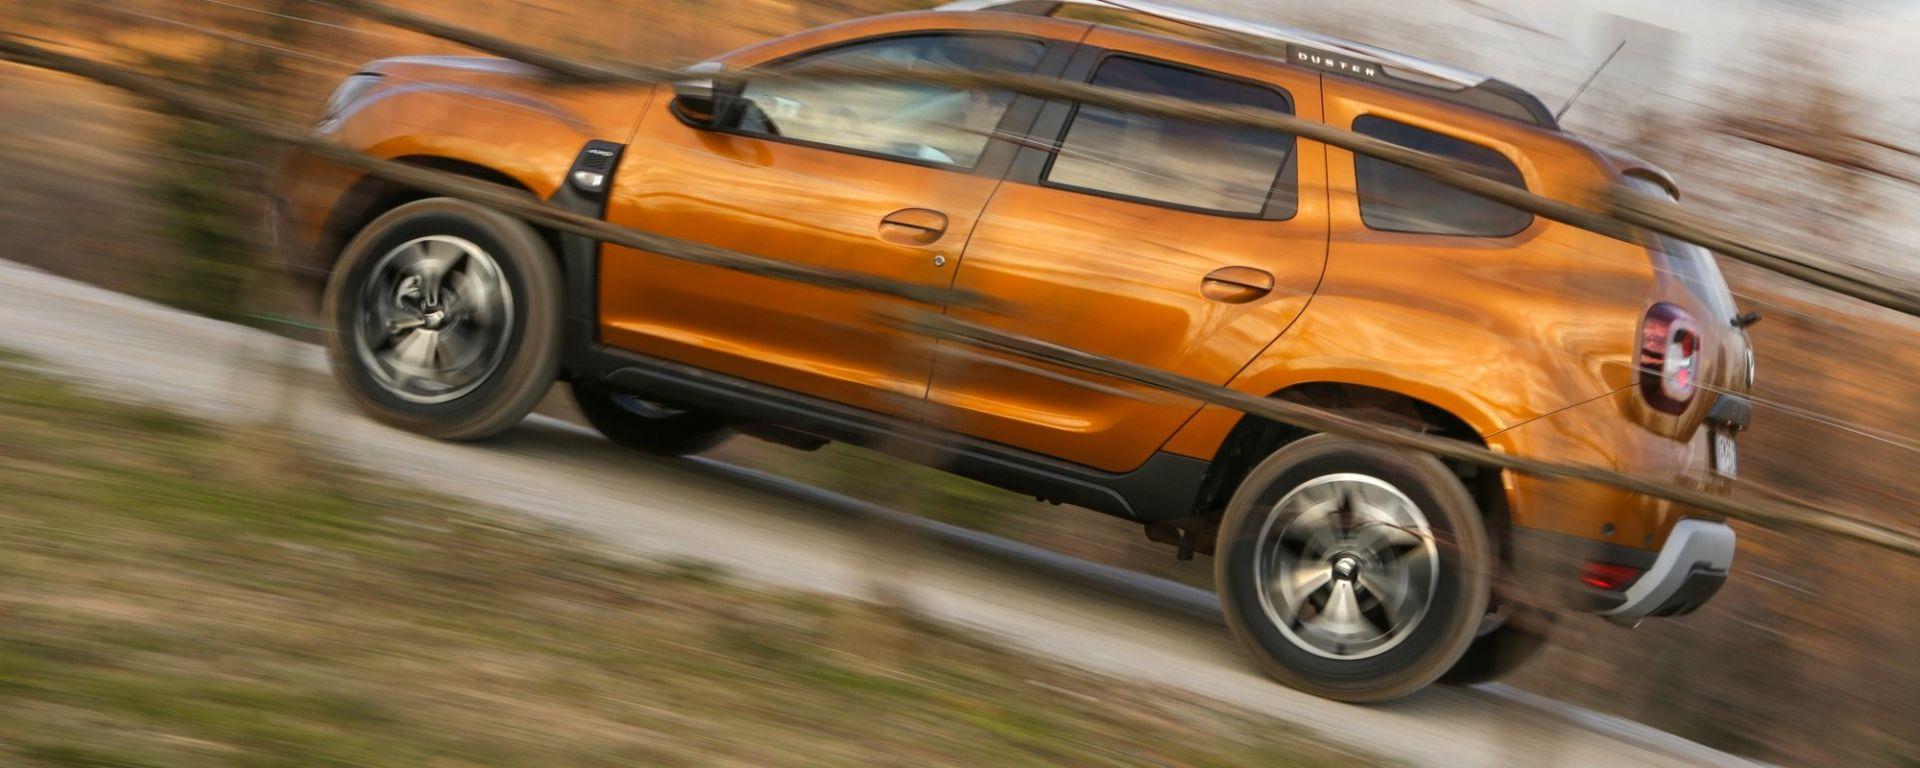 Dacia Duster a 7 posti: ecco perché non si farà